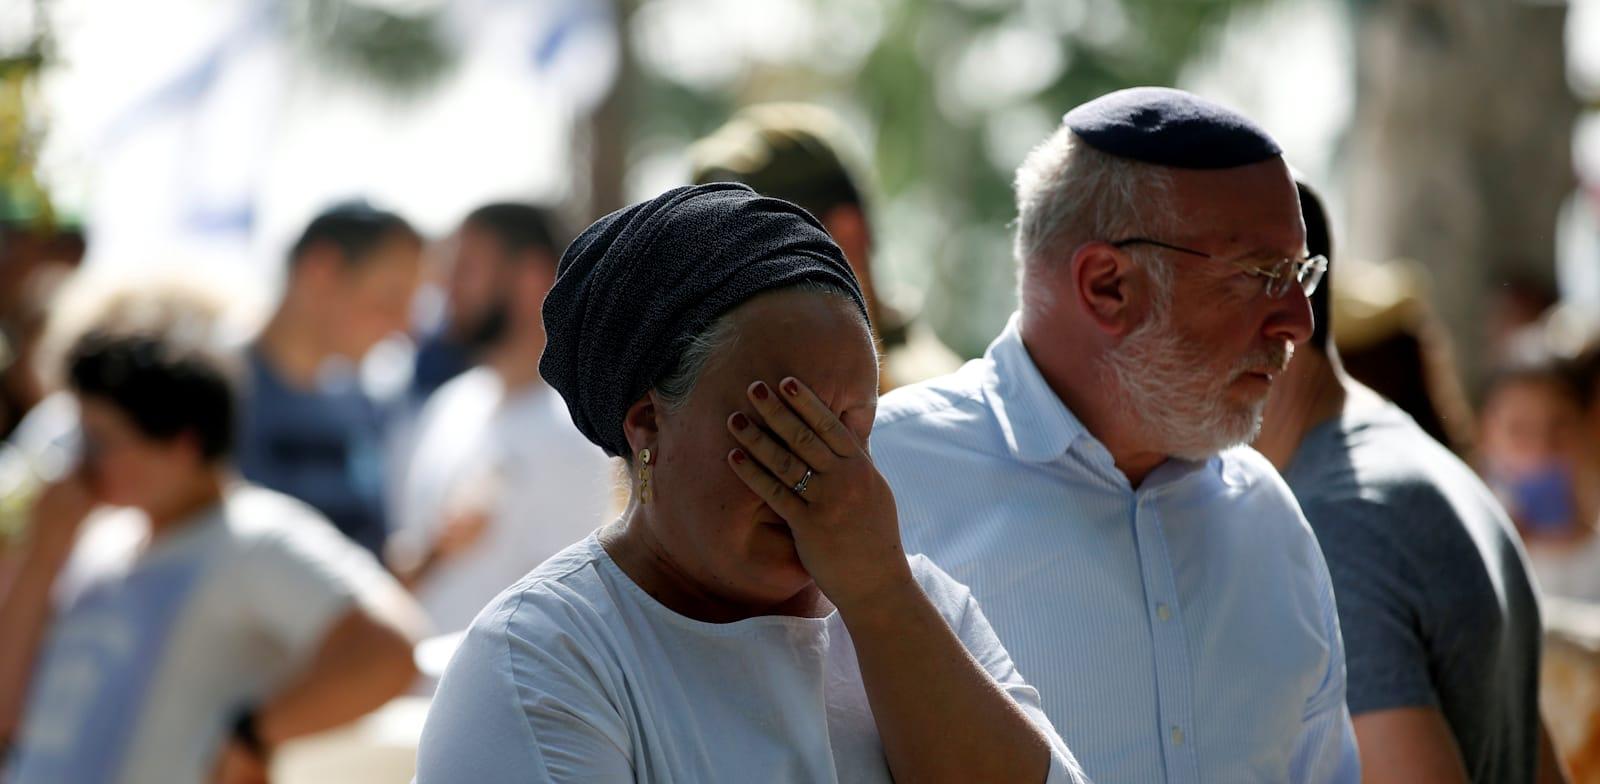 יום הזיכרון בבית העלמין הצבאי בהר הרצל בירושלים / צילום: Reuters, Ronen Zvulun